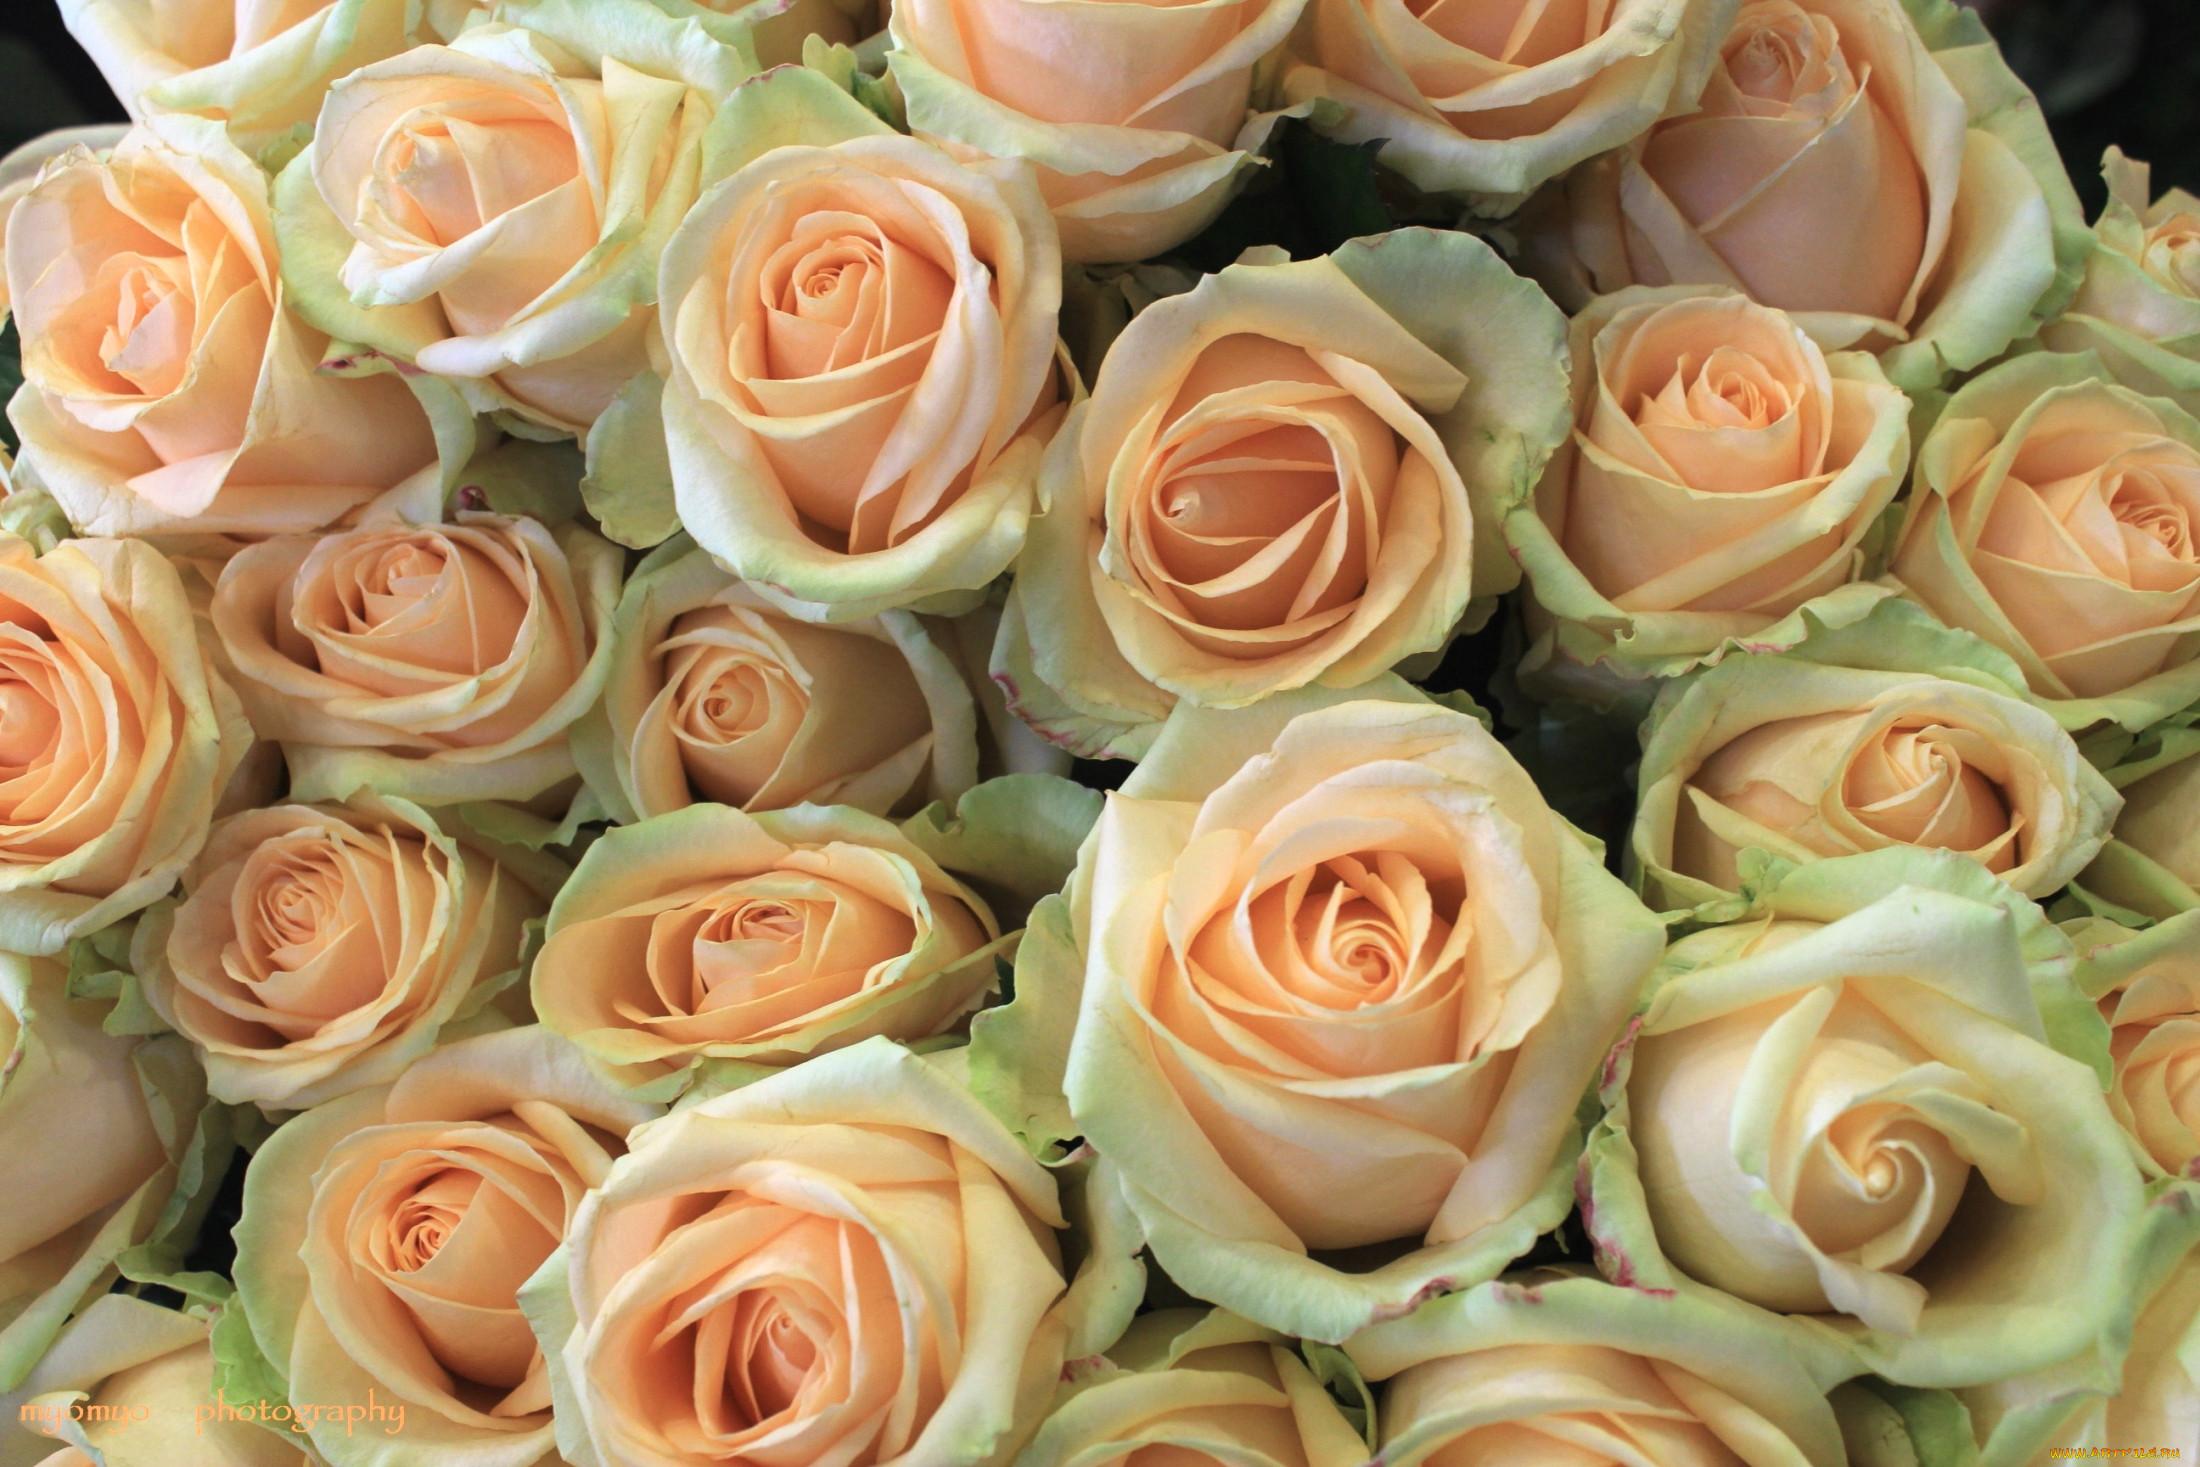 картинки где много розы попросту держать